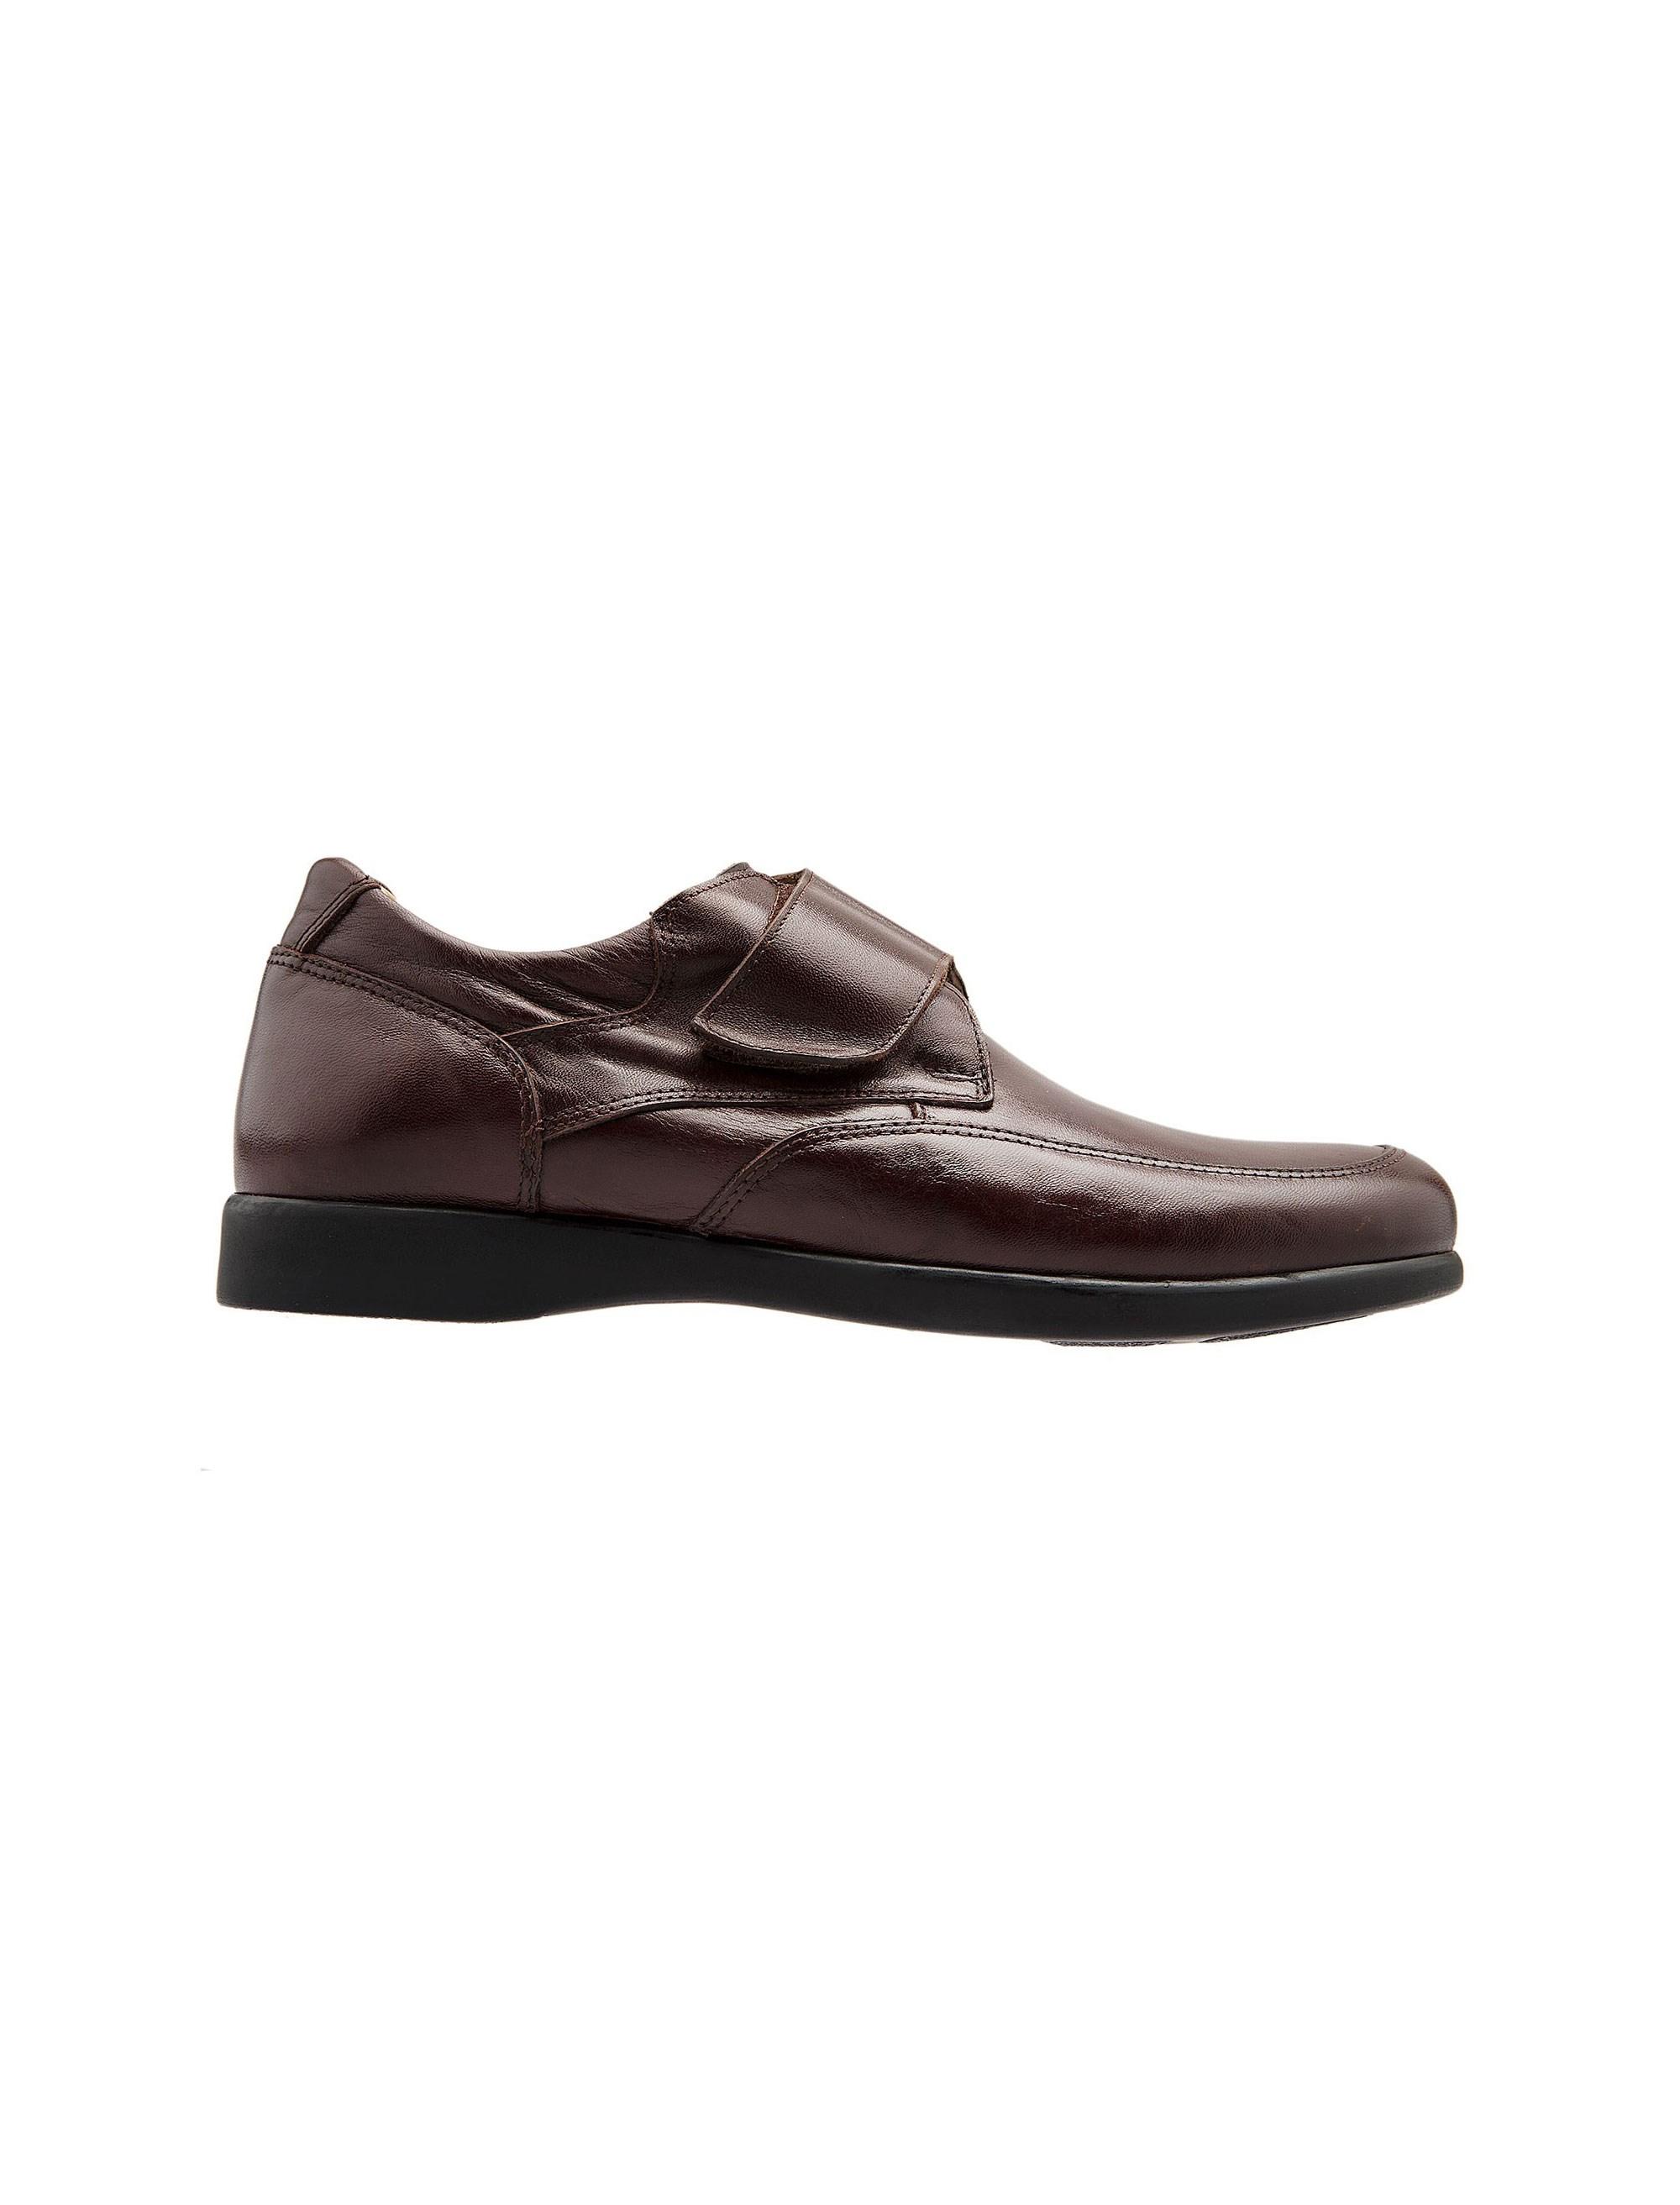 کفش اداری چرم مردانه - شهر چرم